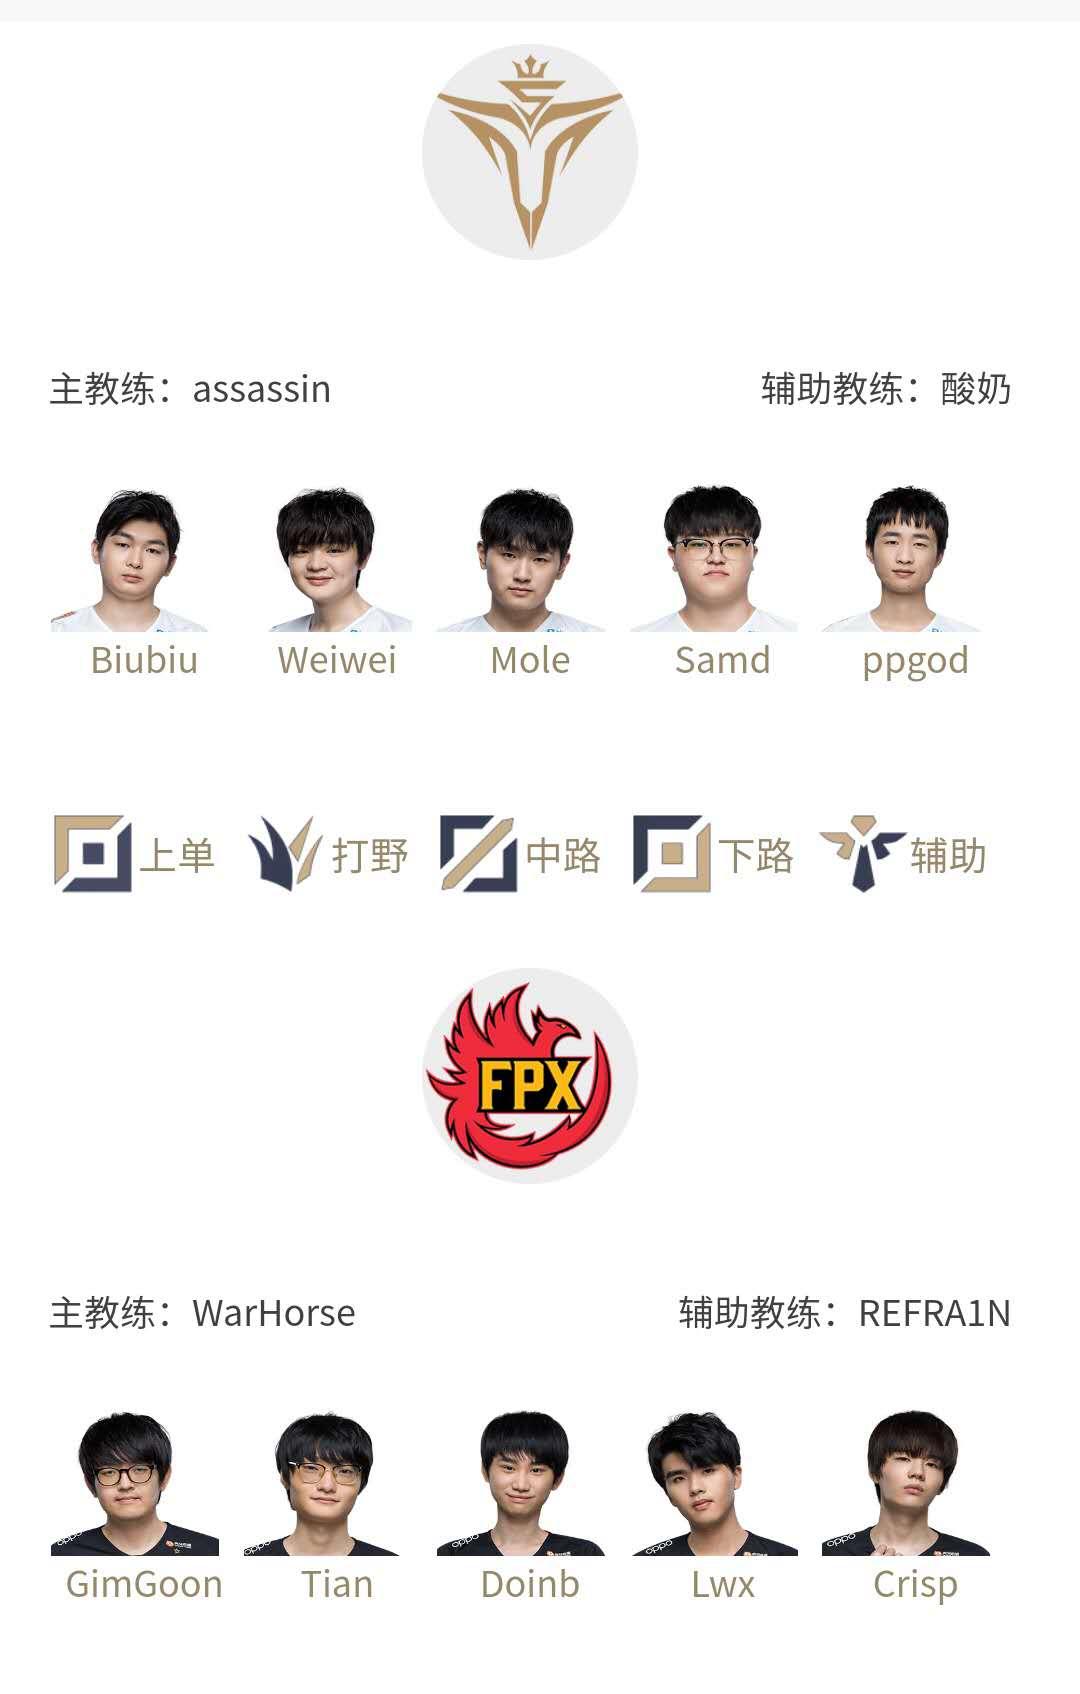 [战报] FPX兵败落凤坡 V5晋级下一轮 大V天龙继续前行